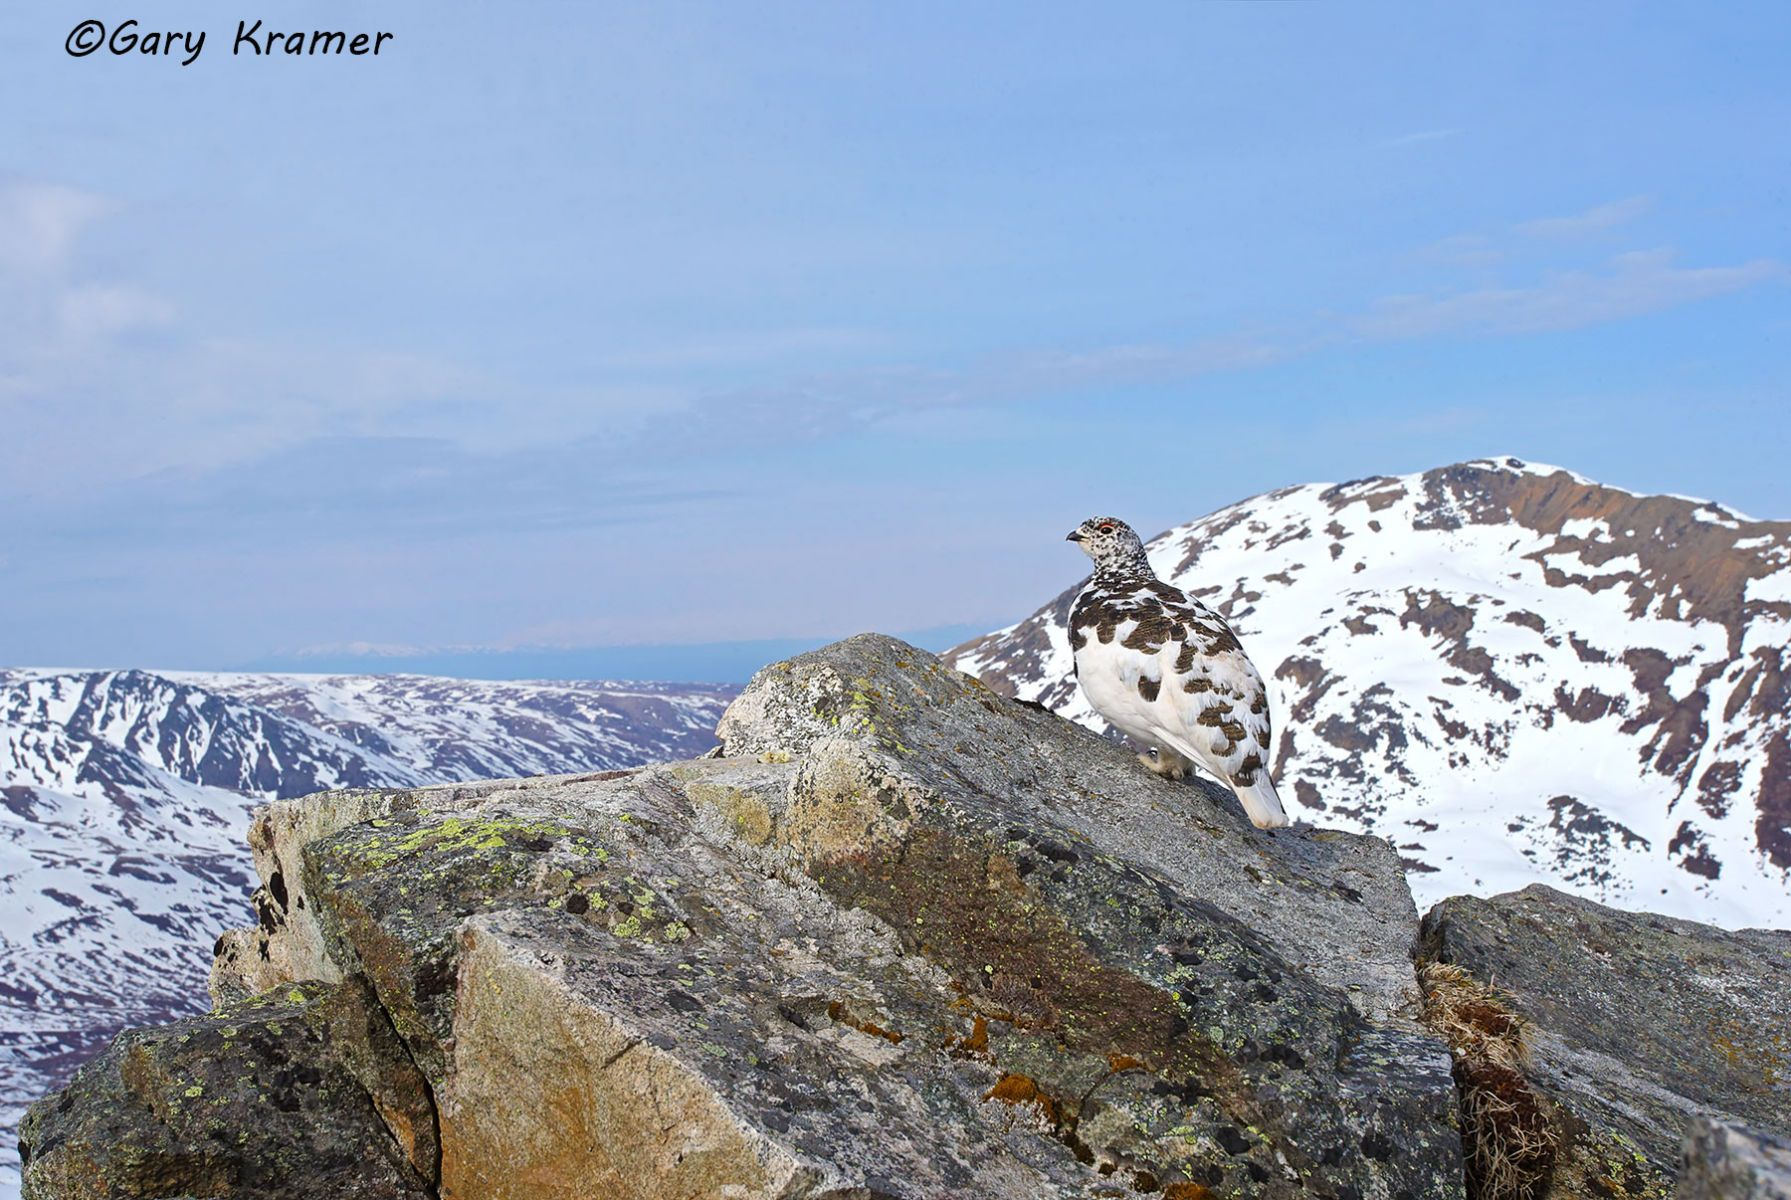 White-tailed Ptarmigan (spring) (Lagopus leucura) - NBGPts#119d